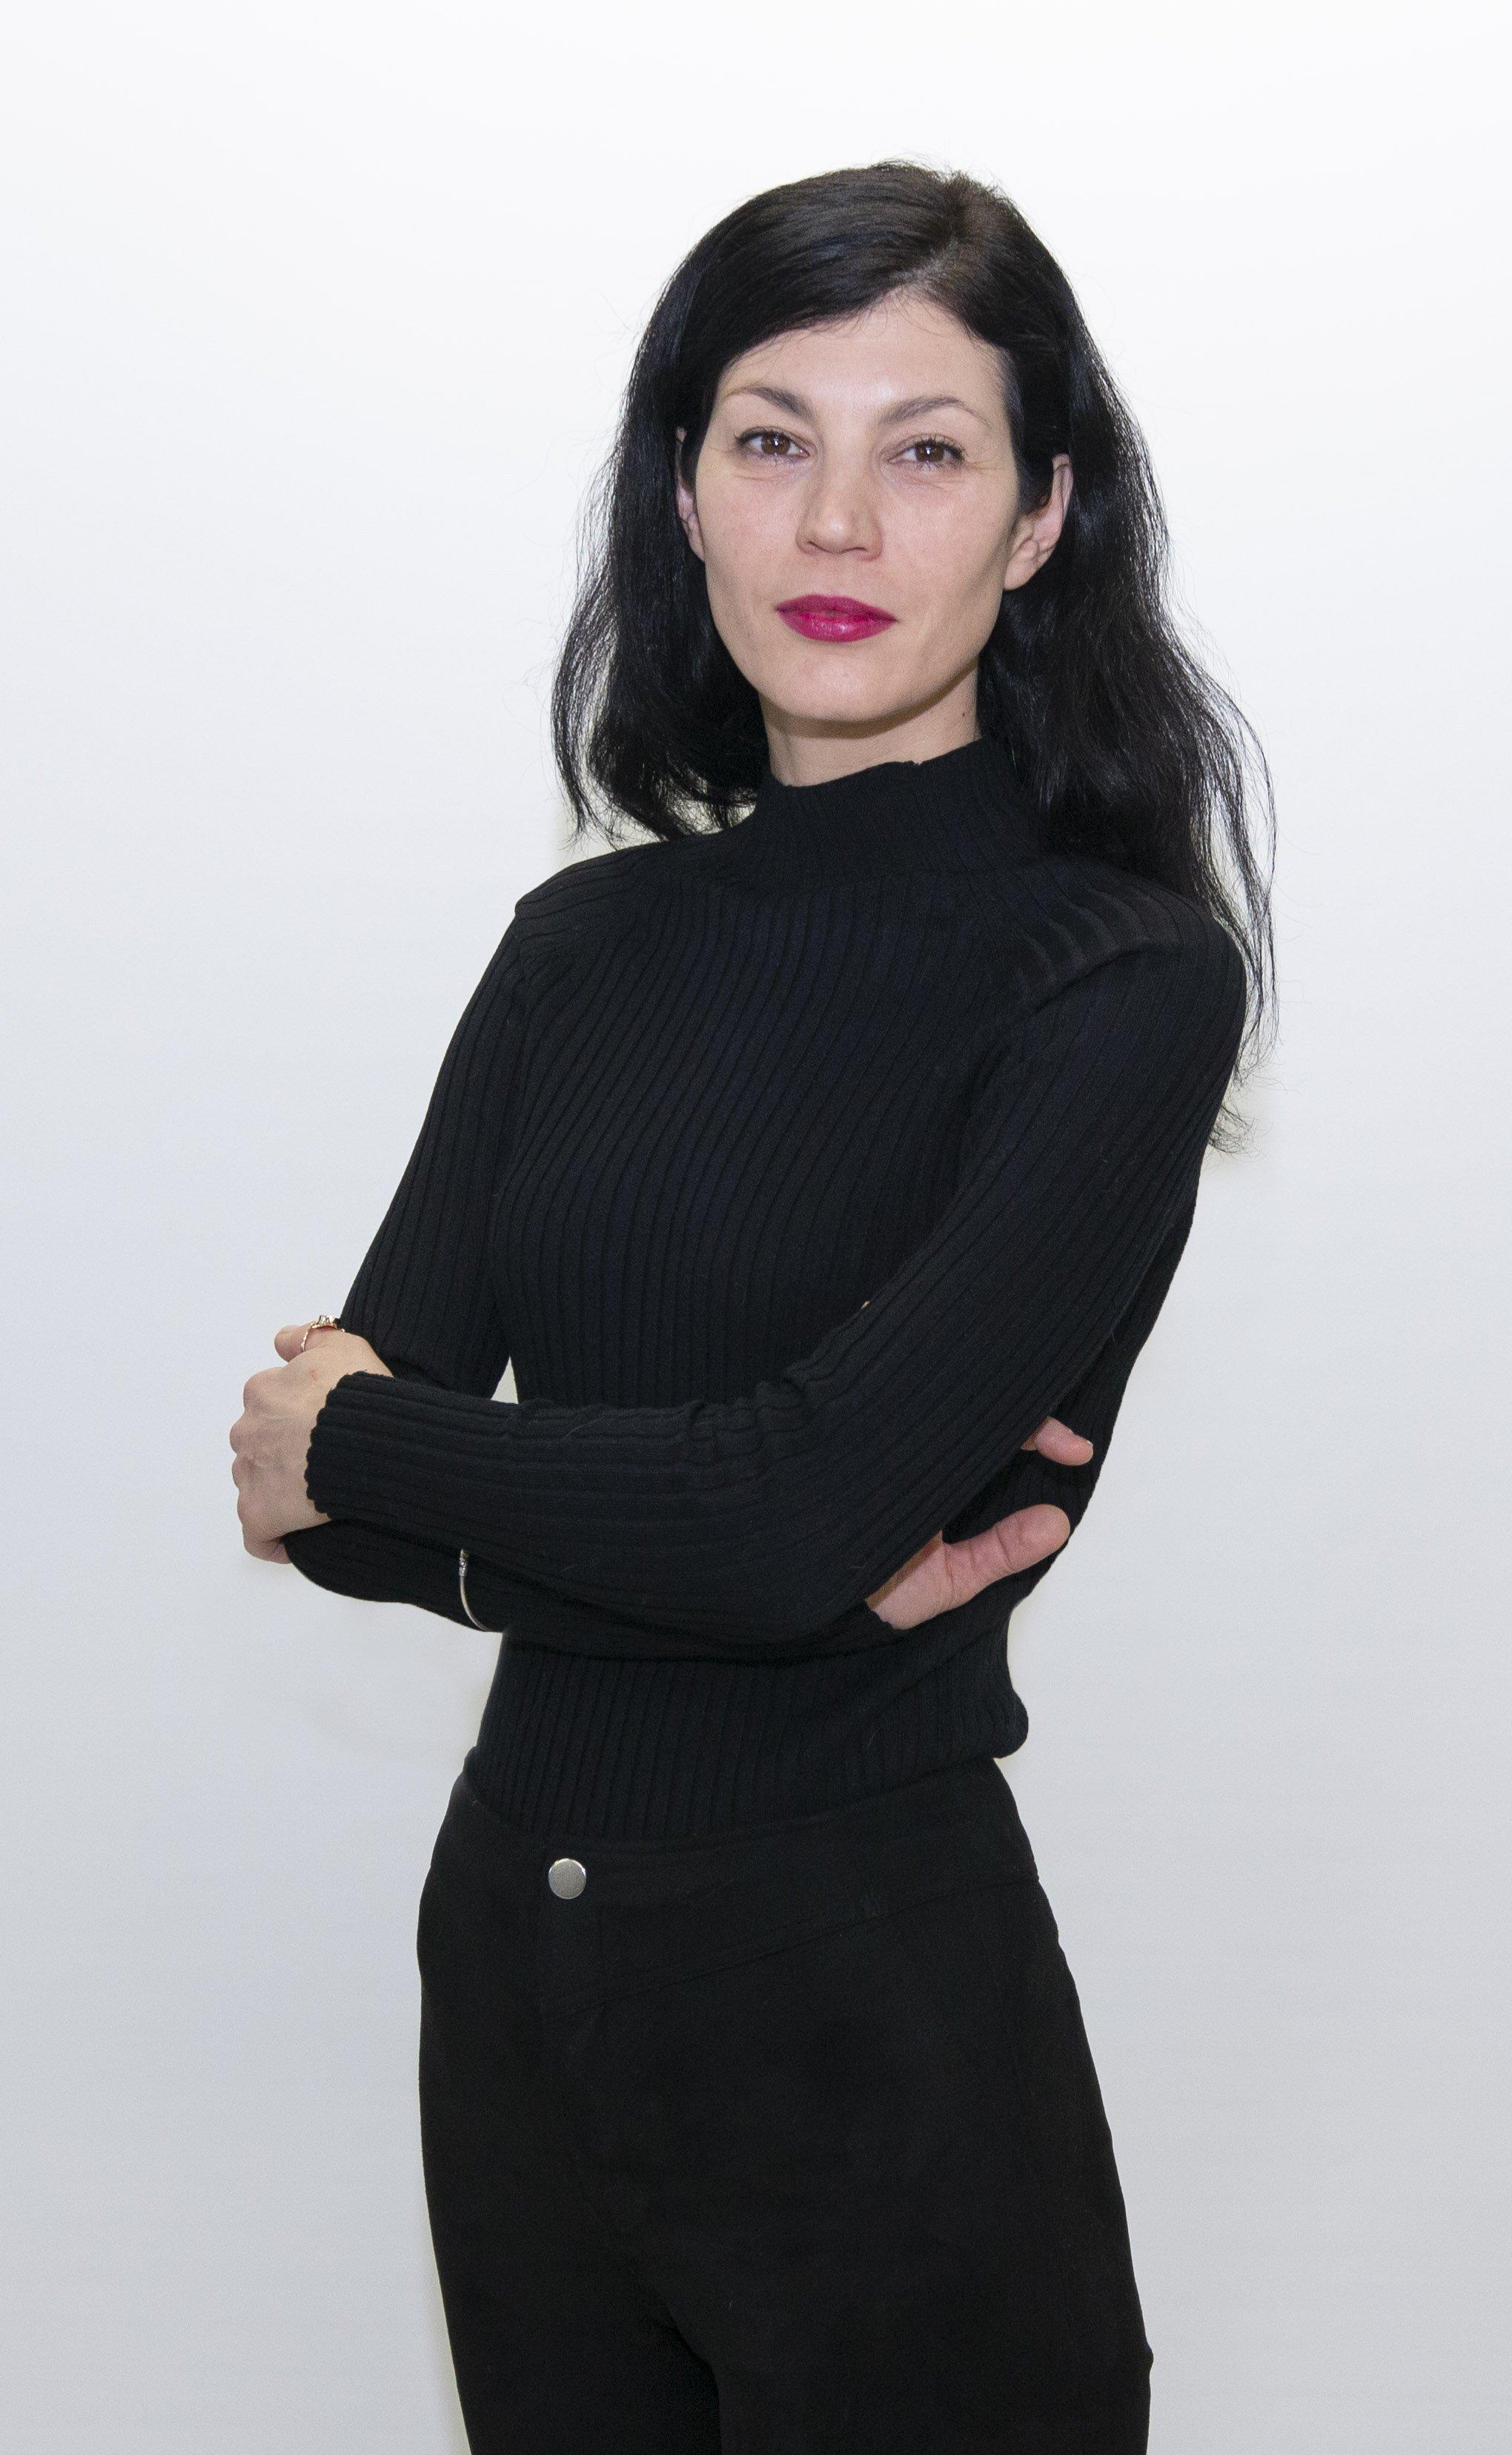 Anna Shopova